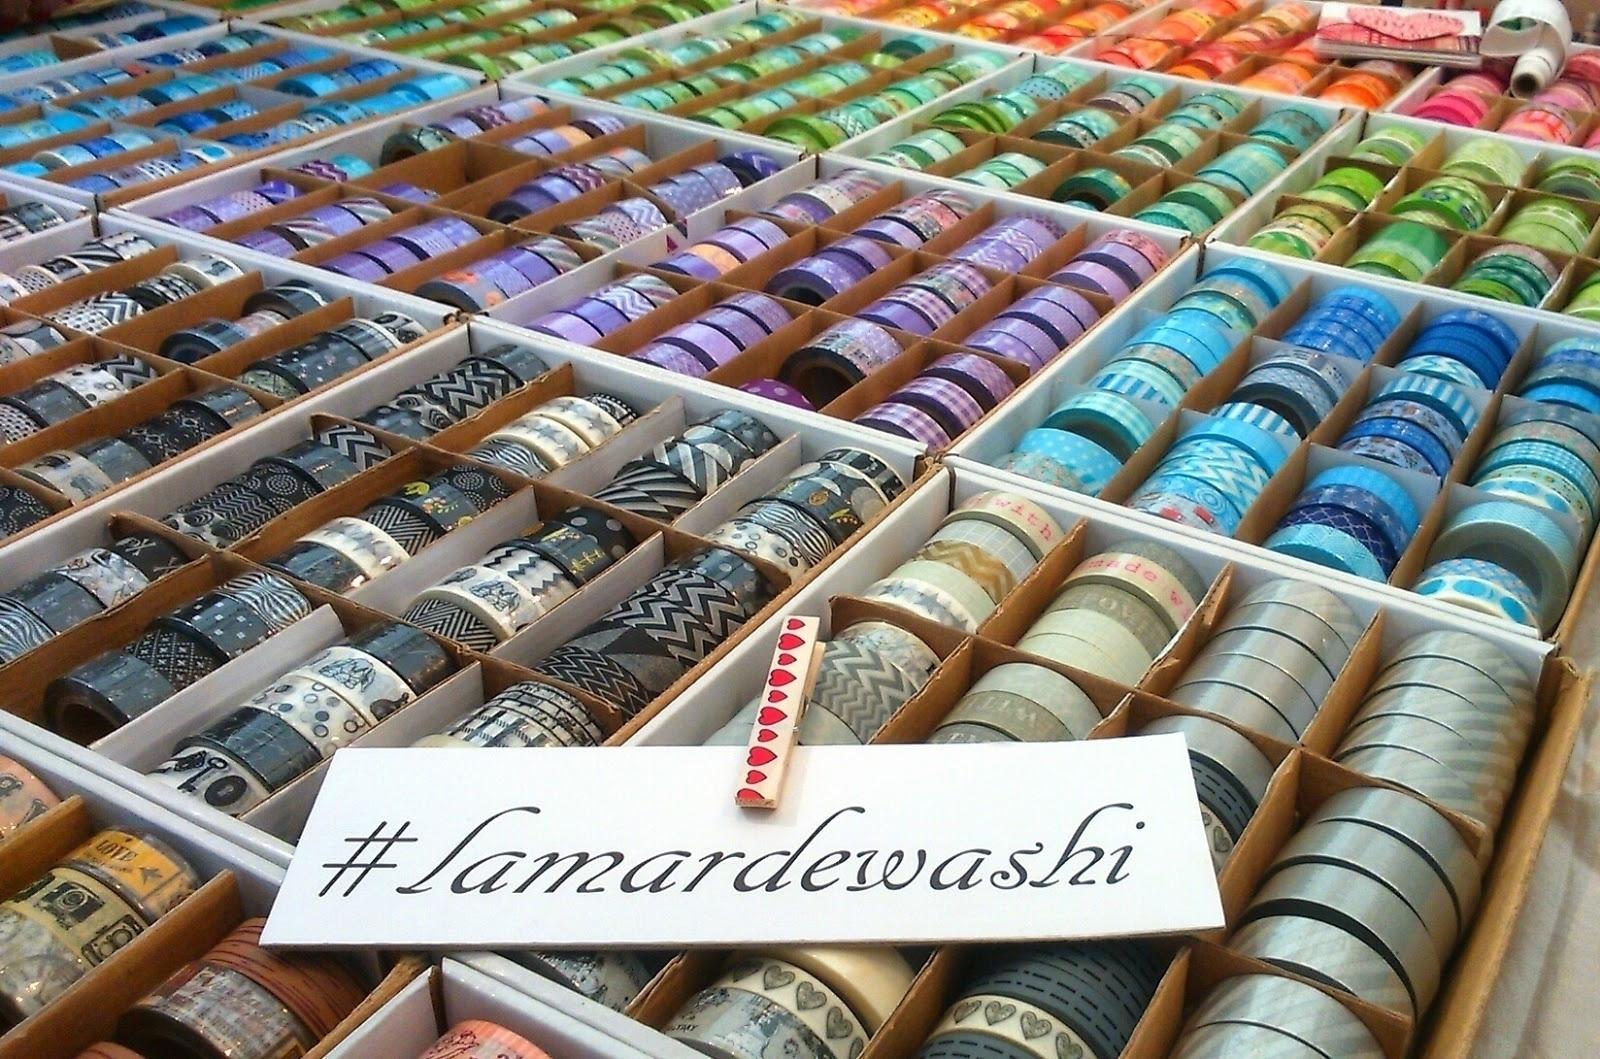 La mar de Washi Tapes (@lamardewashi) Cover Image